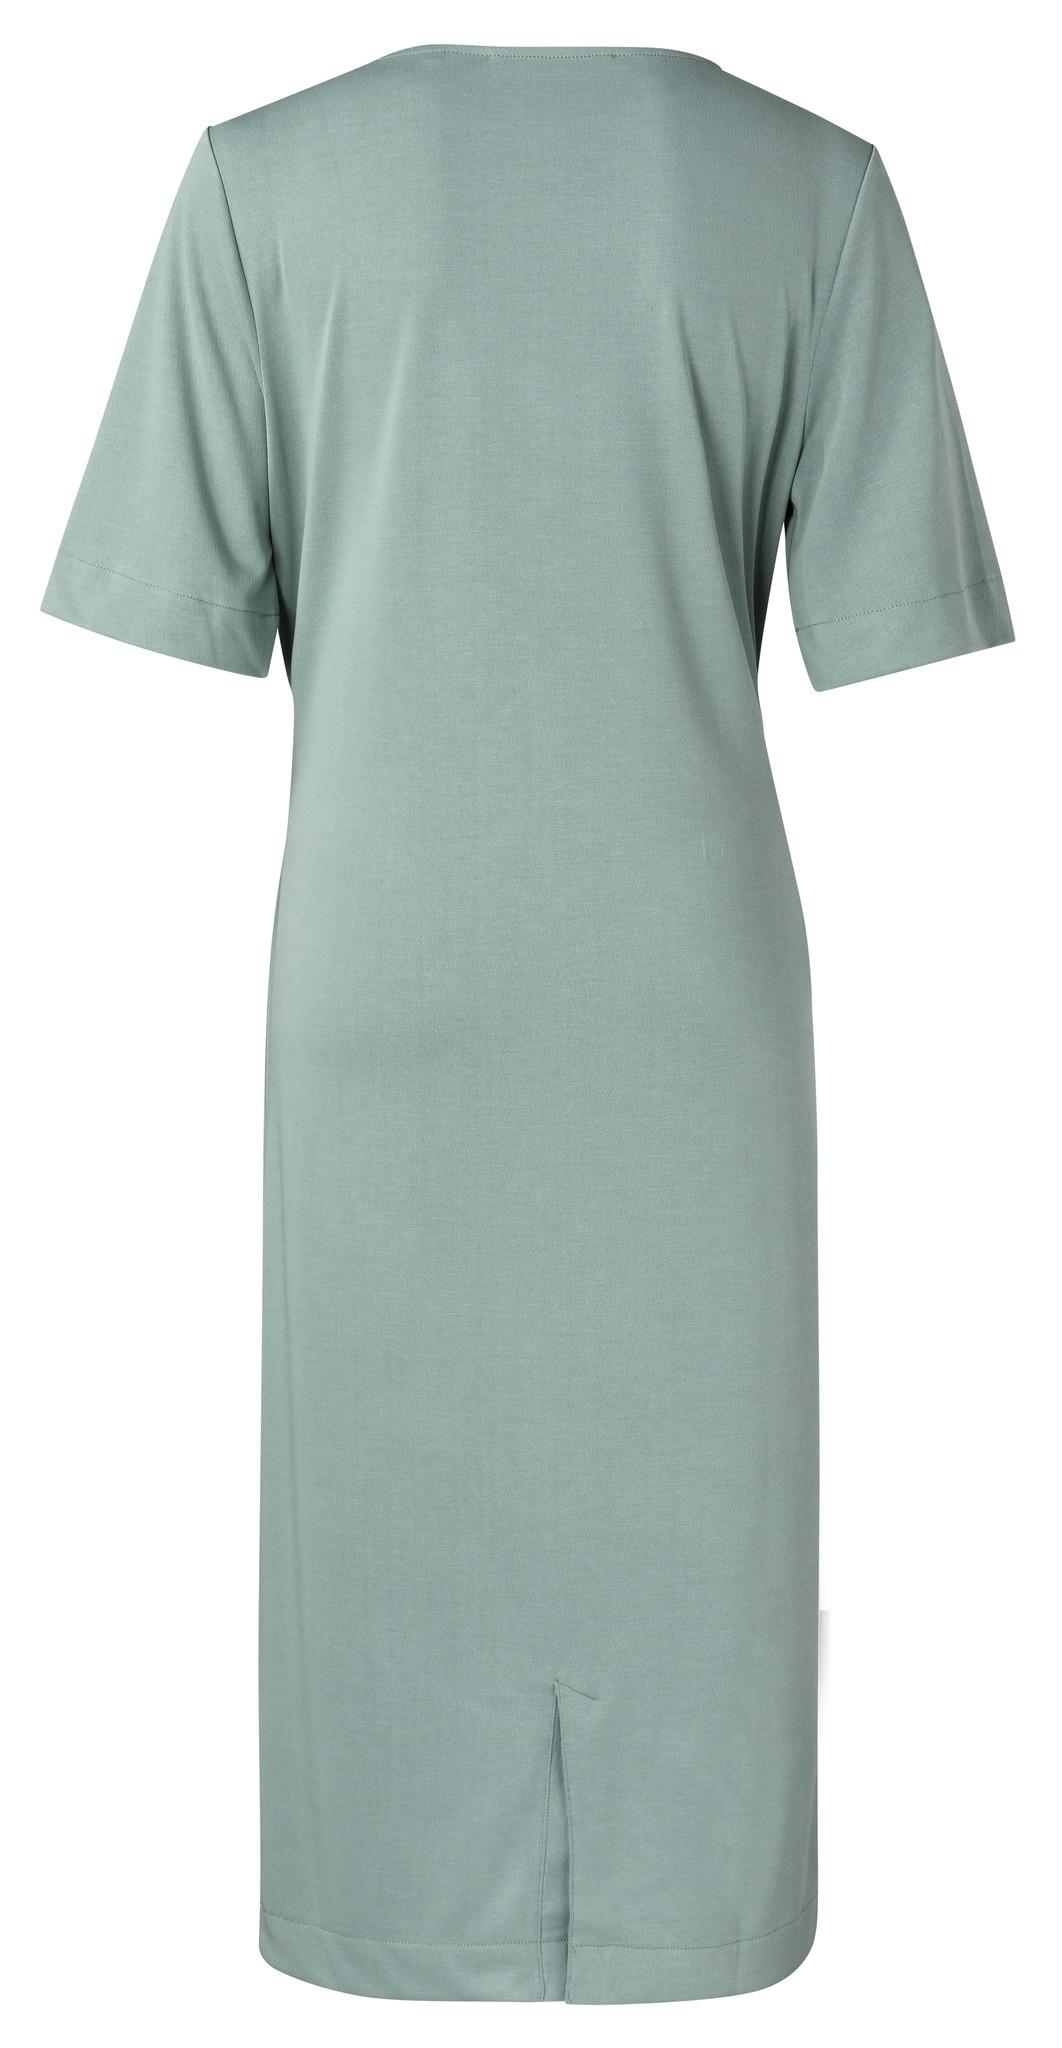 yaya Jersey dress with be 1809322-113-3